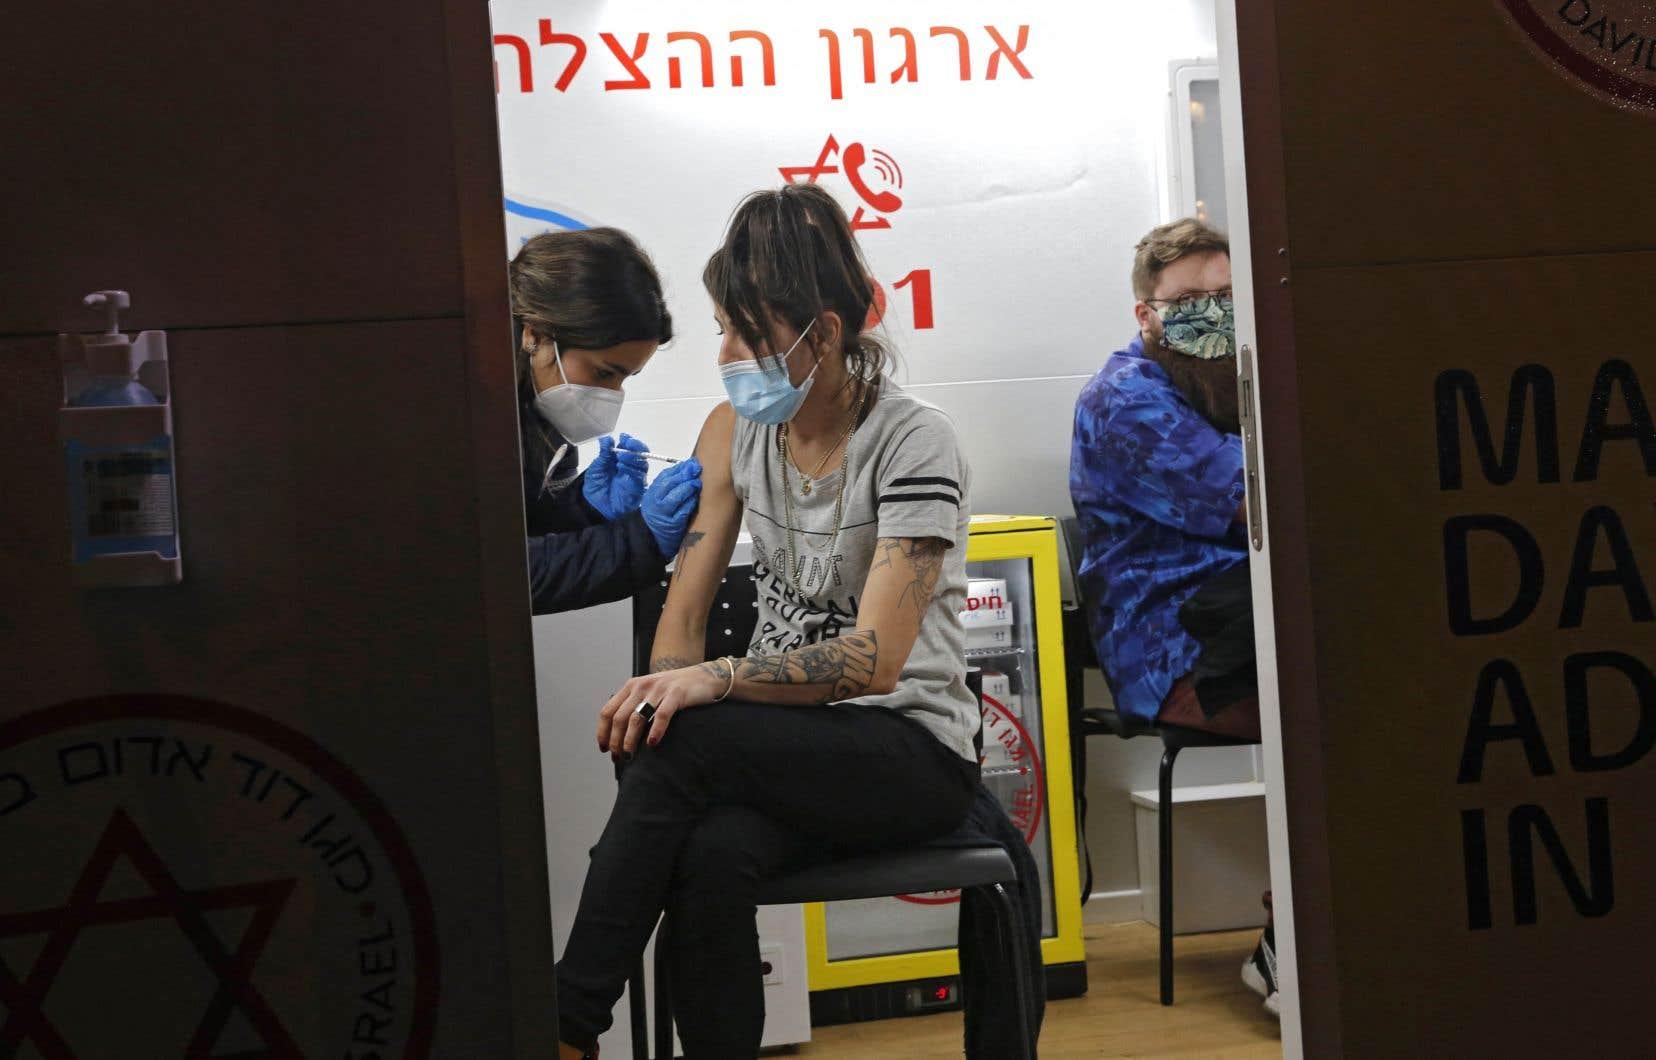 L'État hébreu a lancé le 19 décembre une vaste campagne de vaccination contre la COVID-19 en échange de données biomédicales sur l'effet du vaccin.